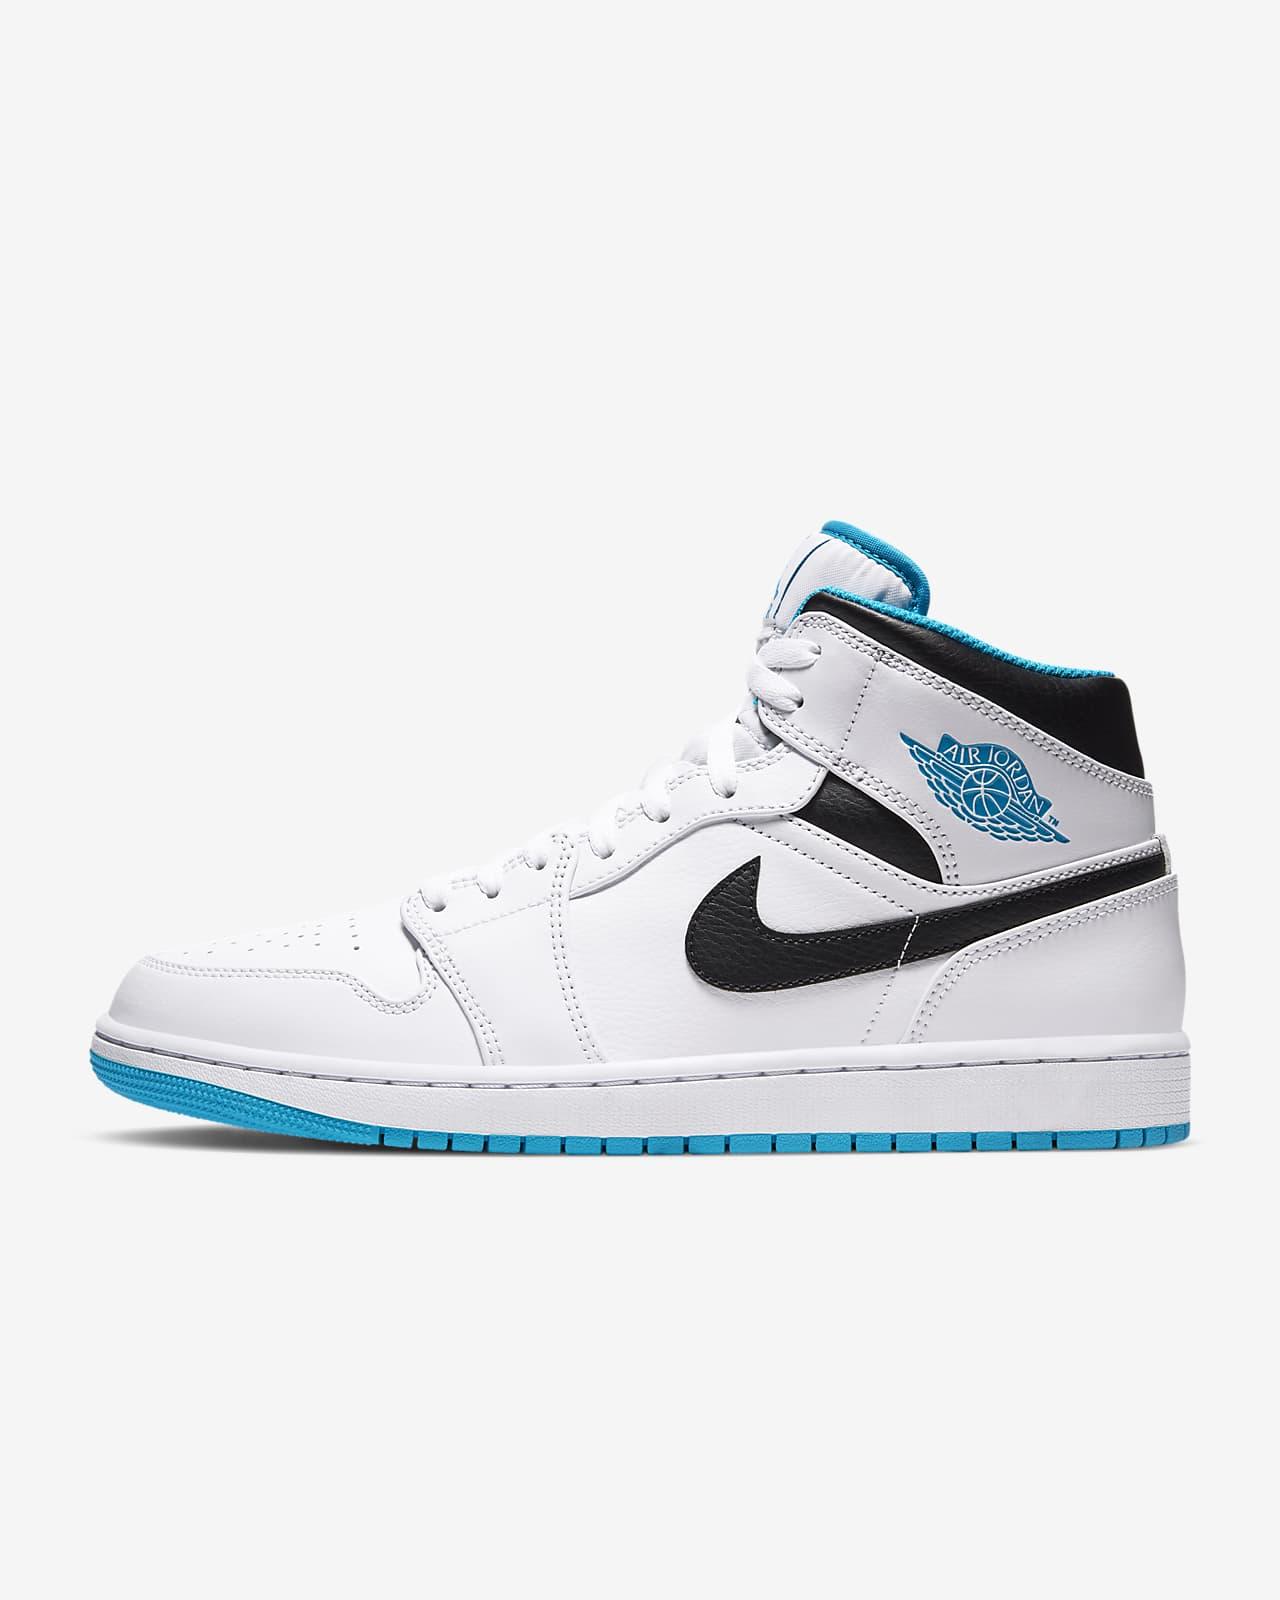 air jordan 1 azules y blancas